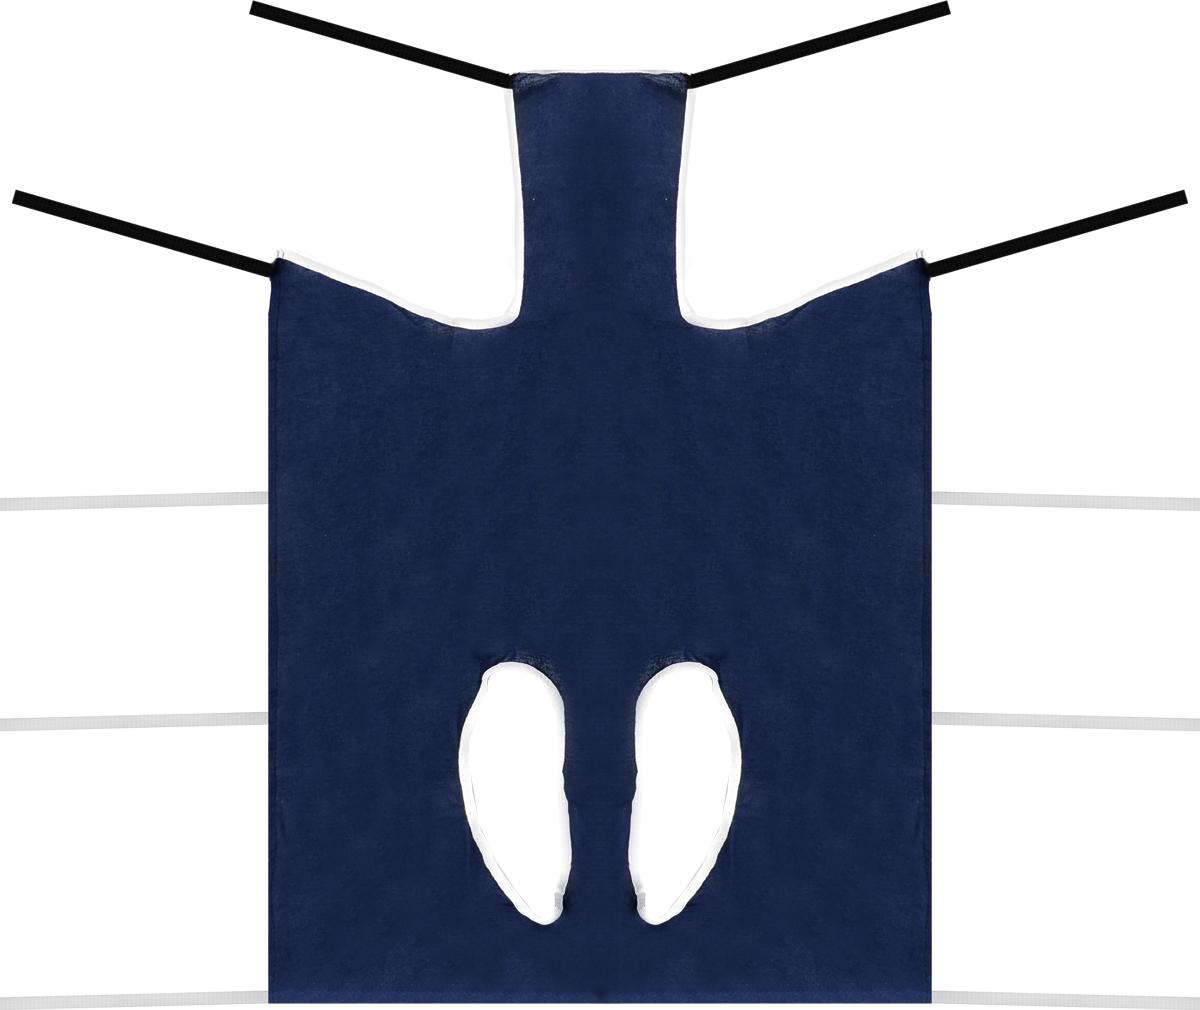 Попона послеоперационная Collar, цвет: темно-синий, белый. Размер 667782Послеоперационная попона для собак Collar выполнена из высококачественного текстиля, благодаря чему хорошо вентилируется. Применяется при перевязке животных. Один слой плотной ткани помогает достичь надежной изоляции раны. Закрепляется при помощи завязок. Обхват груди: 82-112 см. Длина по спинке: 100 см.